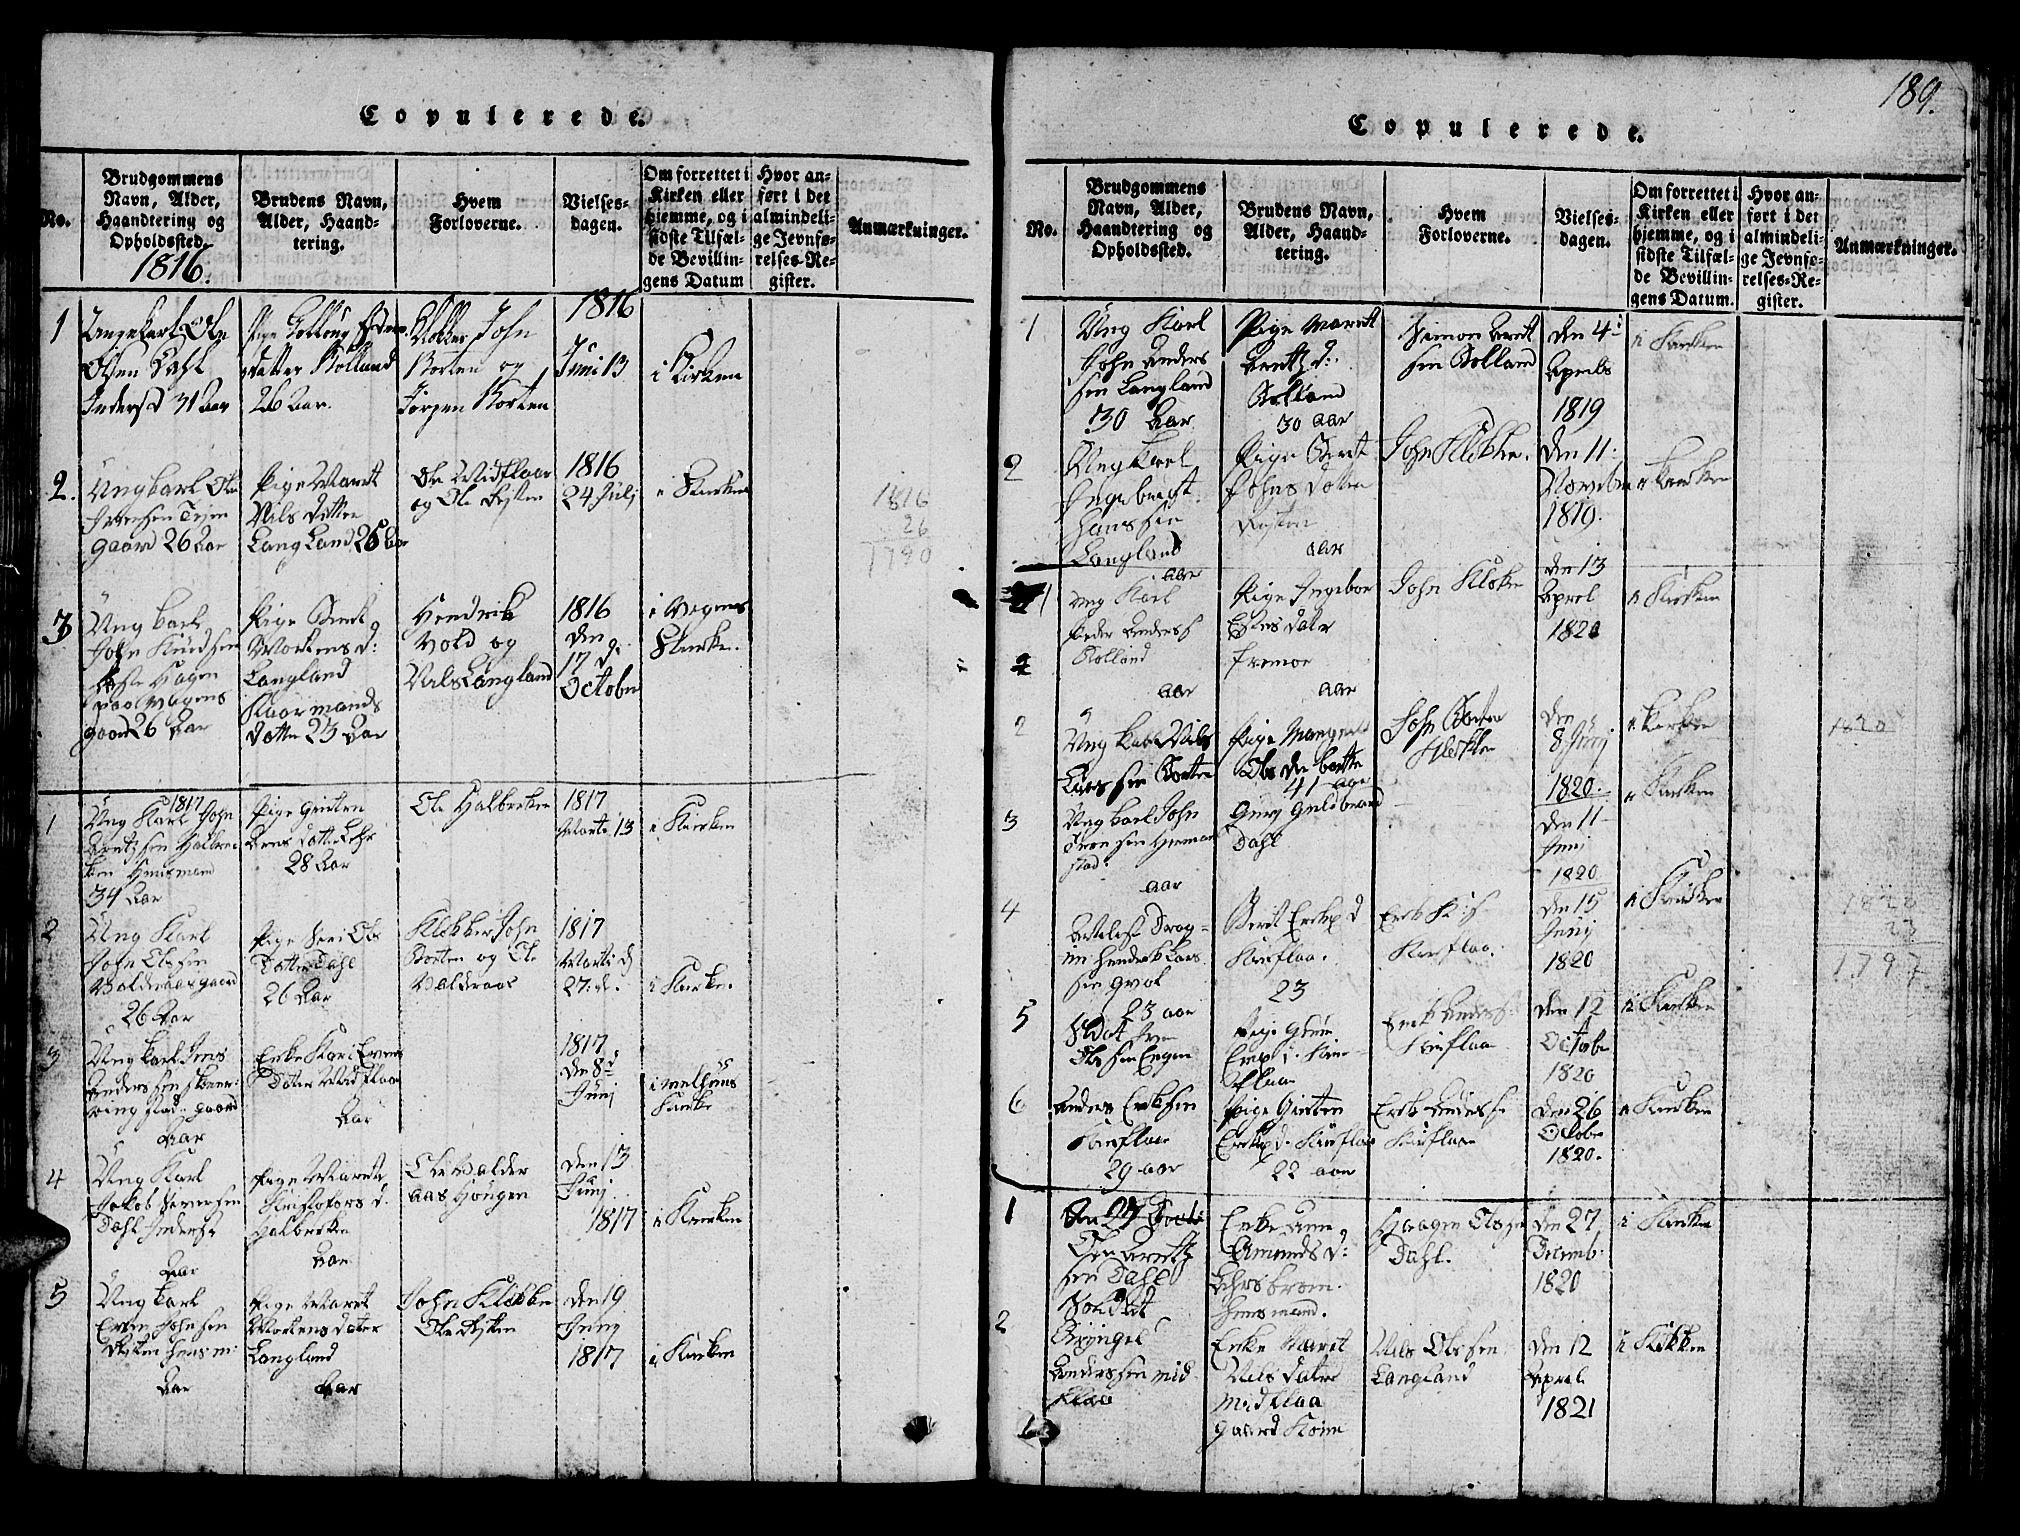 SAT, Ministerialprotokoller, klokkerbøker og fødselsregistre - Sør-Trøndelag, 693/L1121: Klokkerbok nr. 693C02, 1816-1869, s. 189